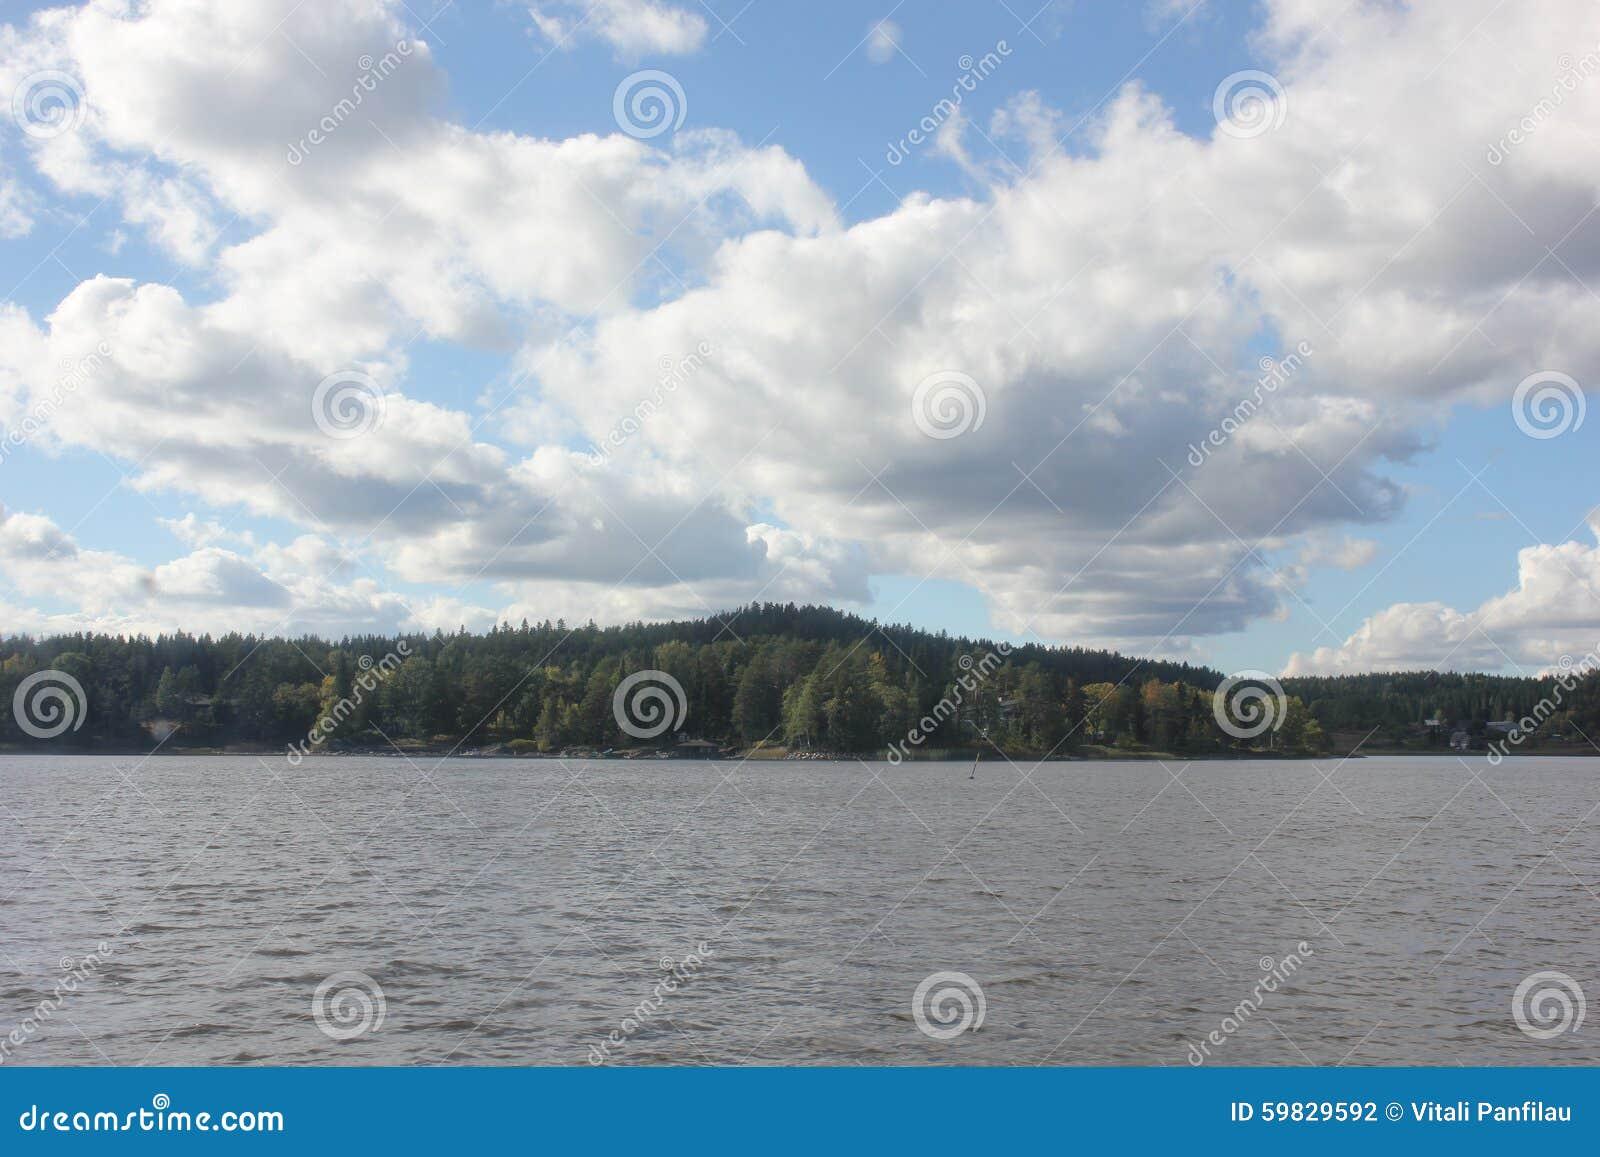 Όμορφο τοπίο με μια λίμνη